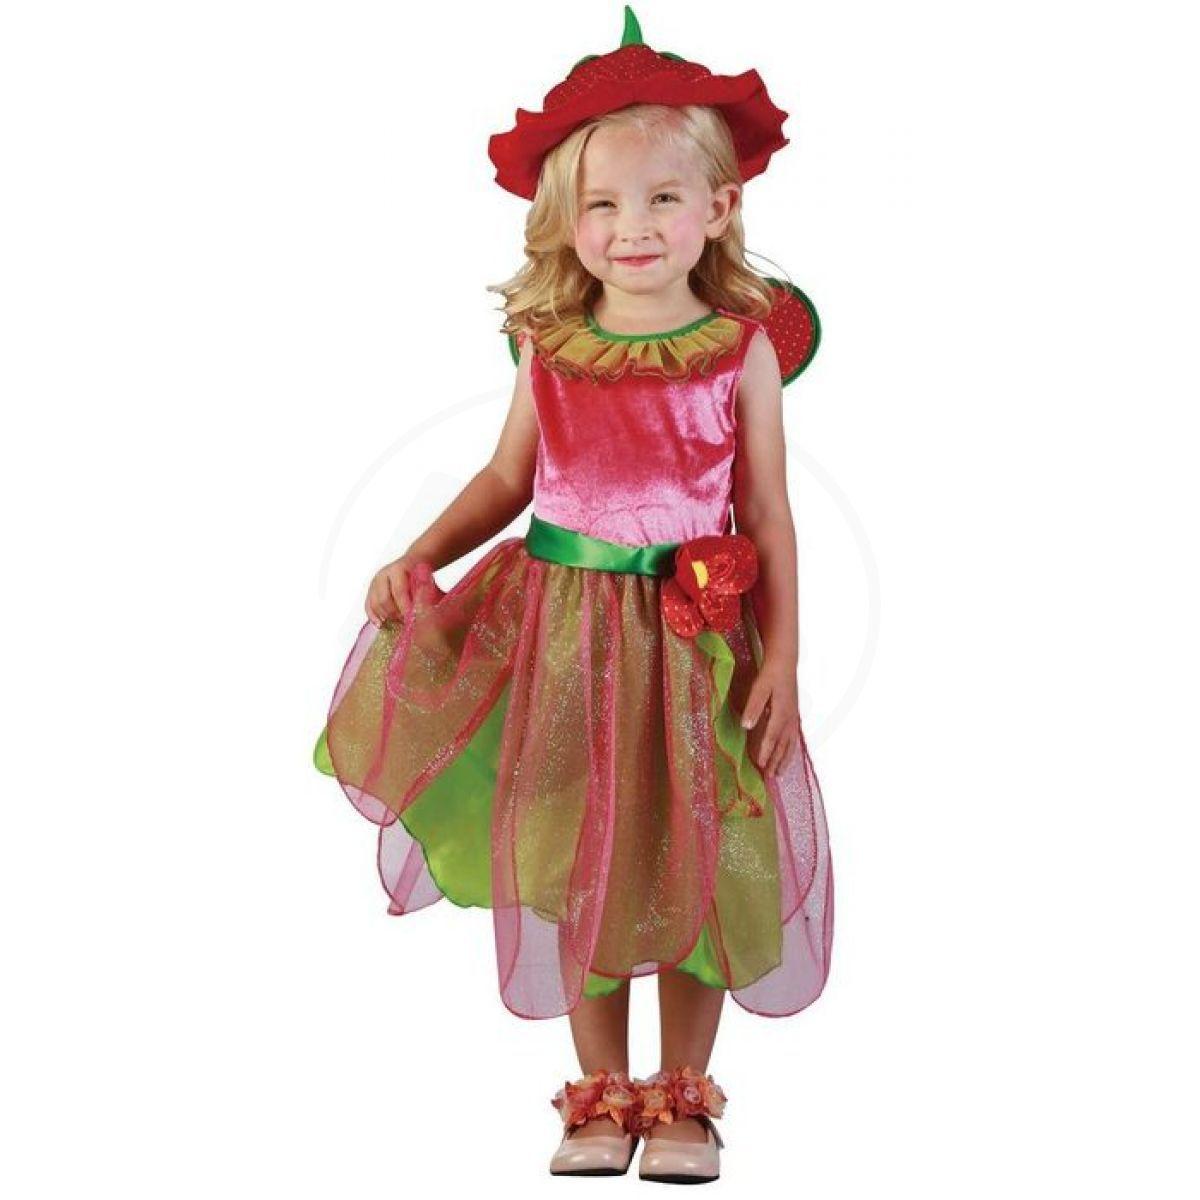 Made Dětský kostým Jahodová víla 92-104cm b77d7de705d